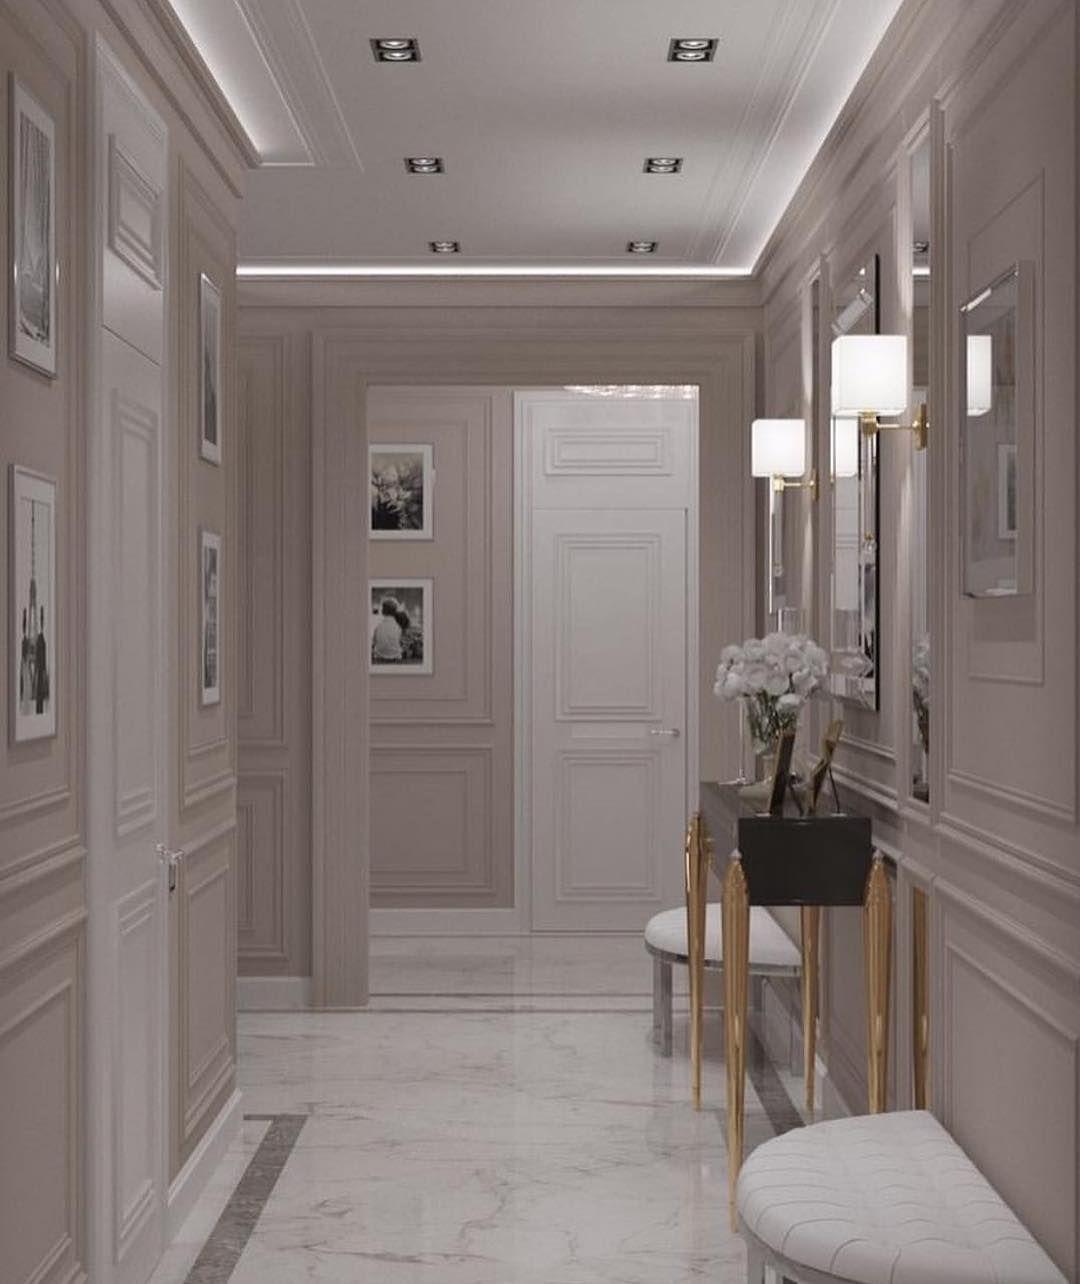 Obraz Moze Zawierac W Budynku Home Room Design House Interior Home